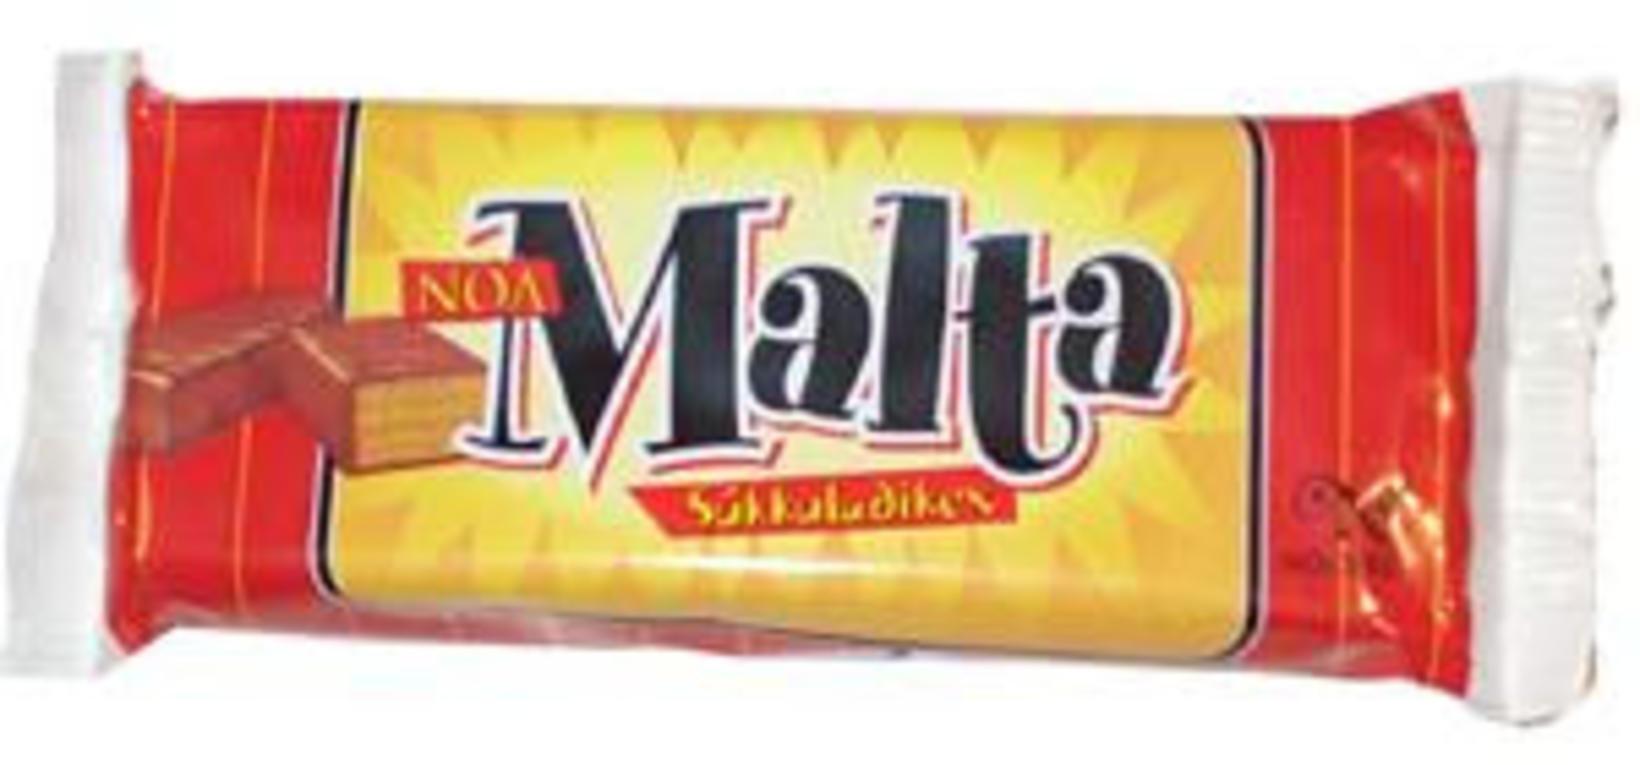 Hver man ekki eftir Malta?